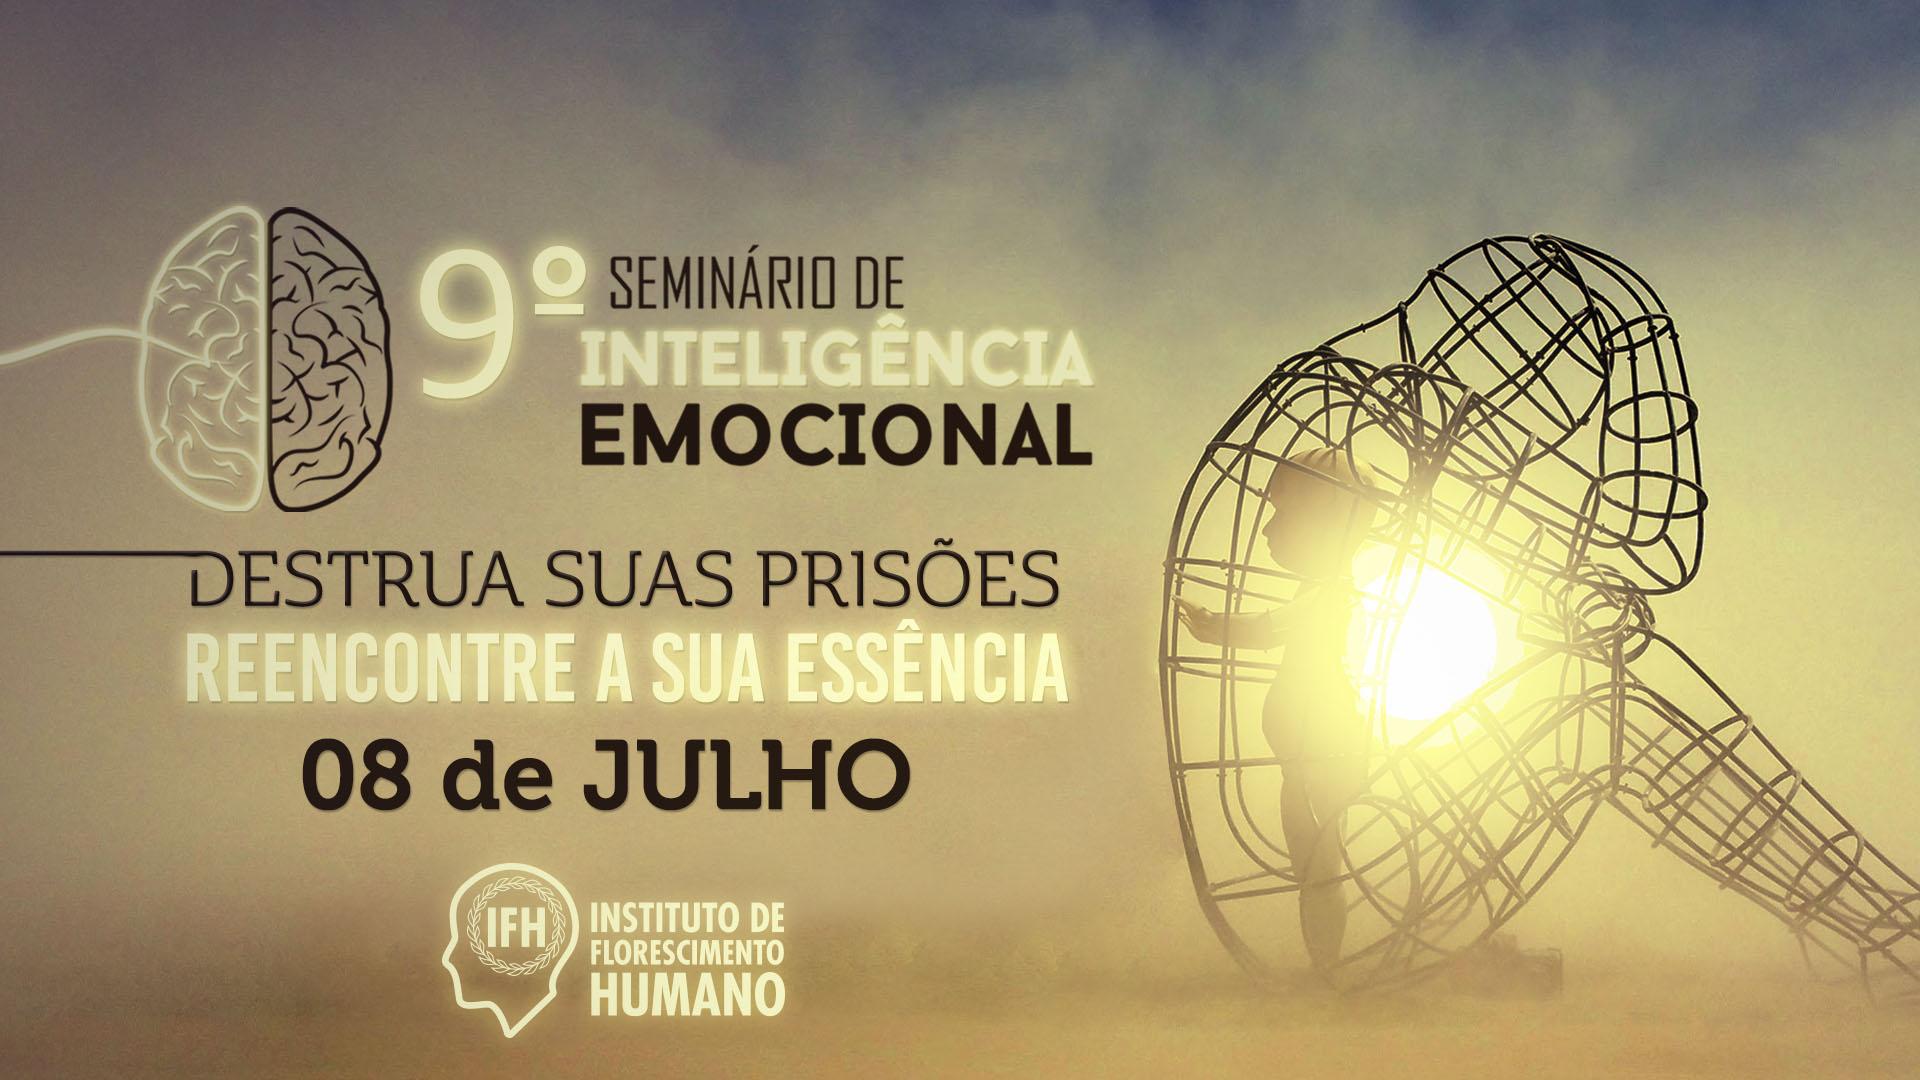 9 Seminário de Inteligência Emocional